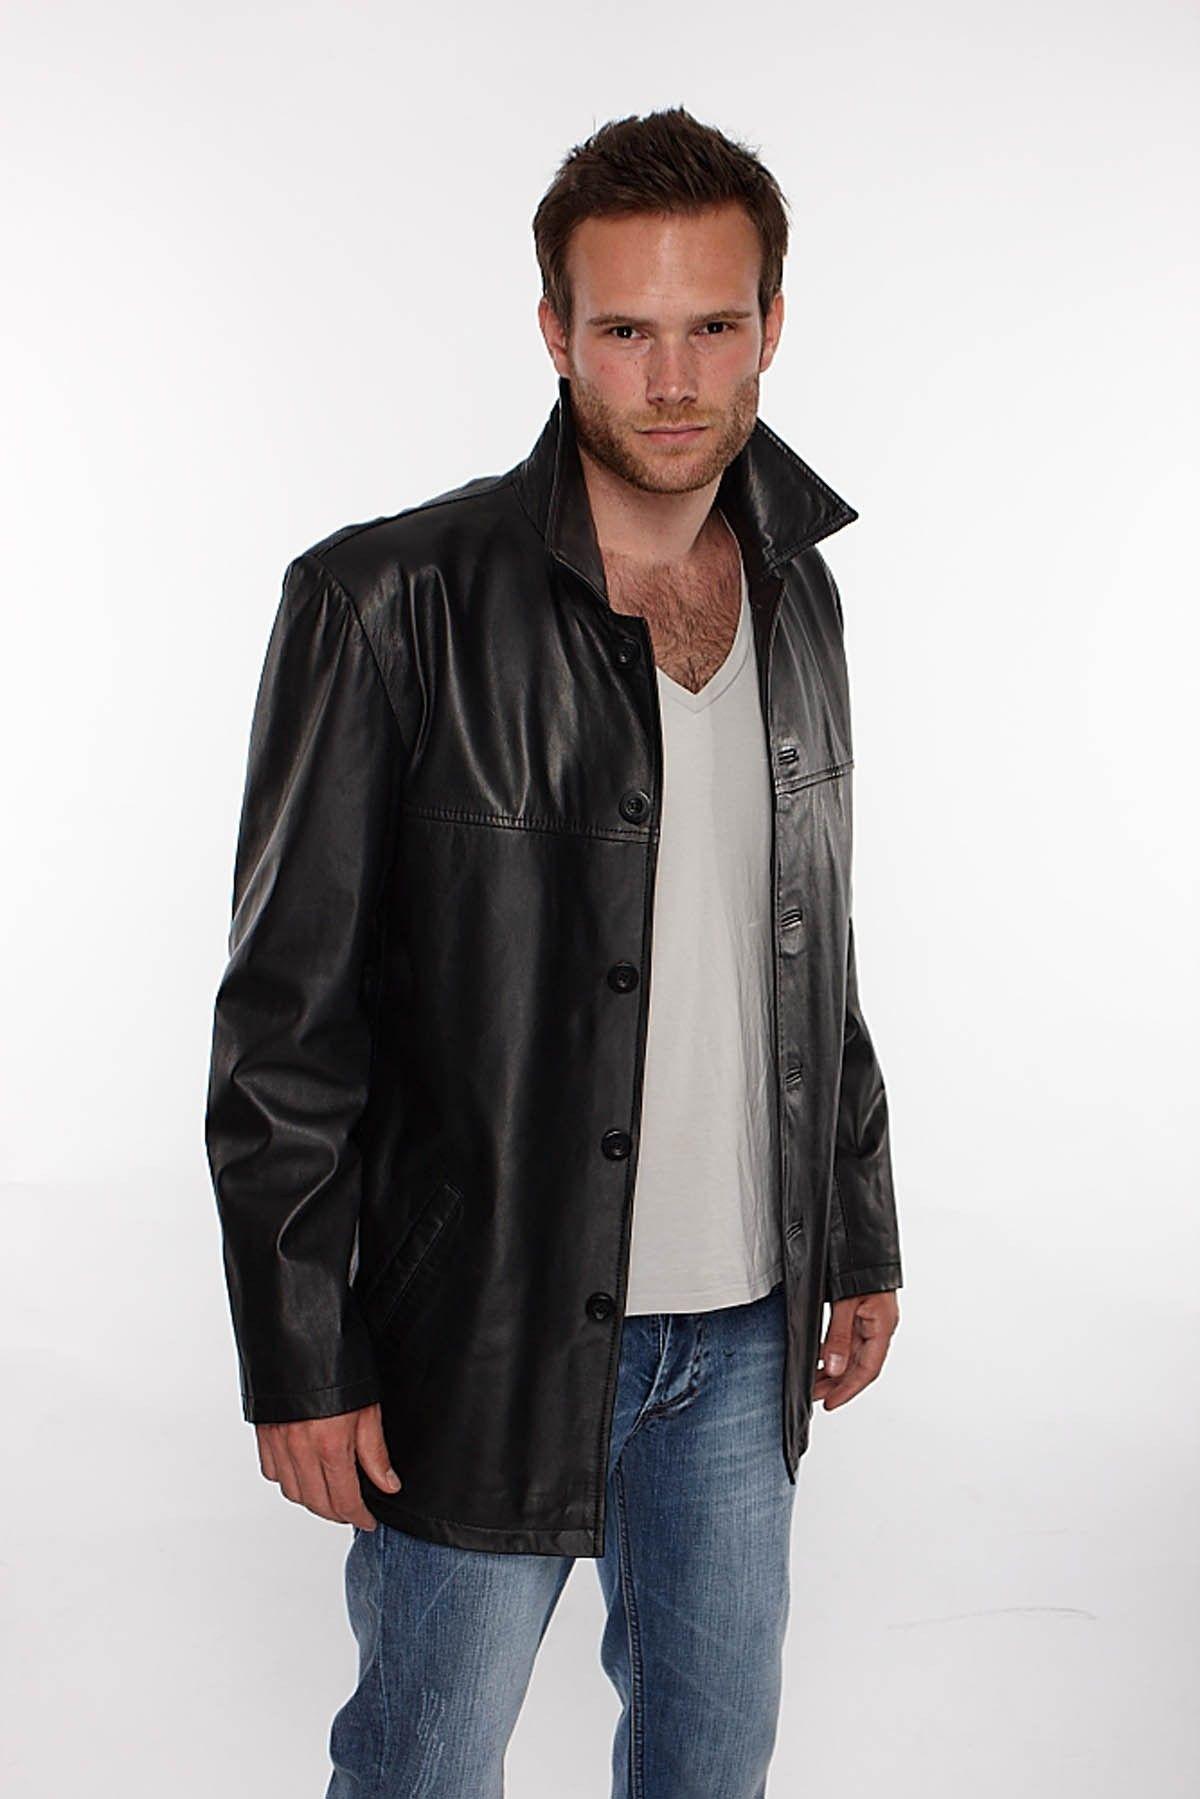 Leather jacket for men - Pin Mens Leather Blazer Excelled Jacket Men At Kohls On P